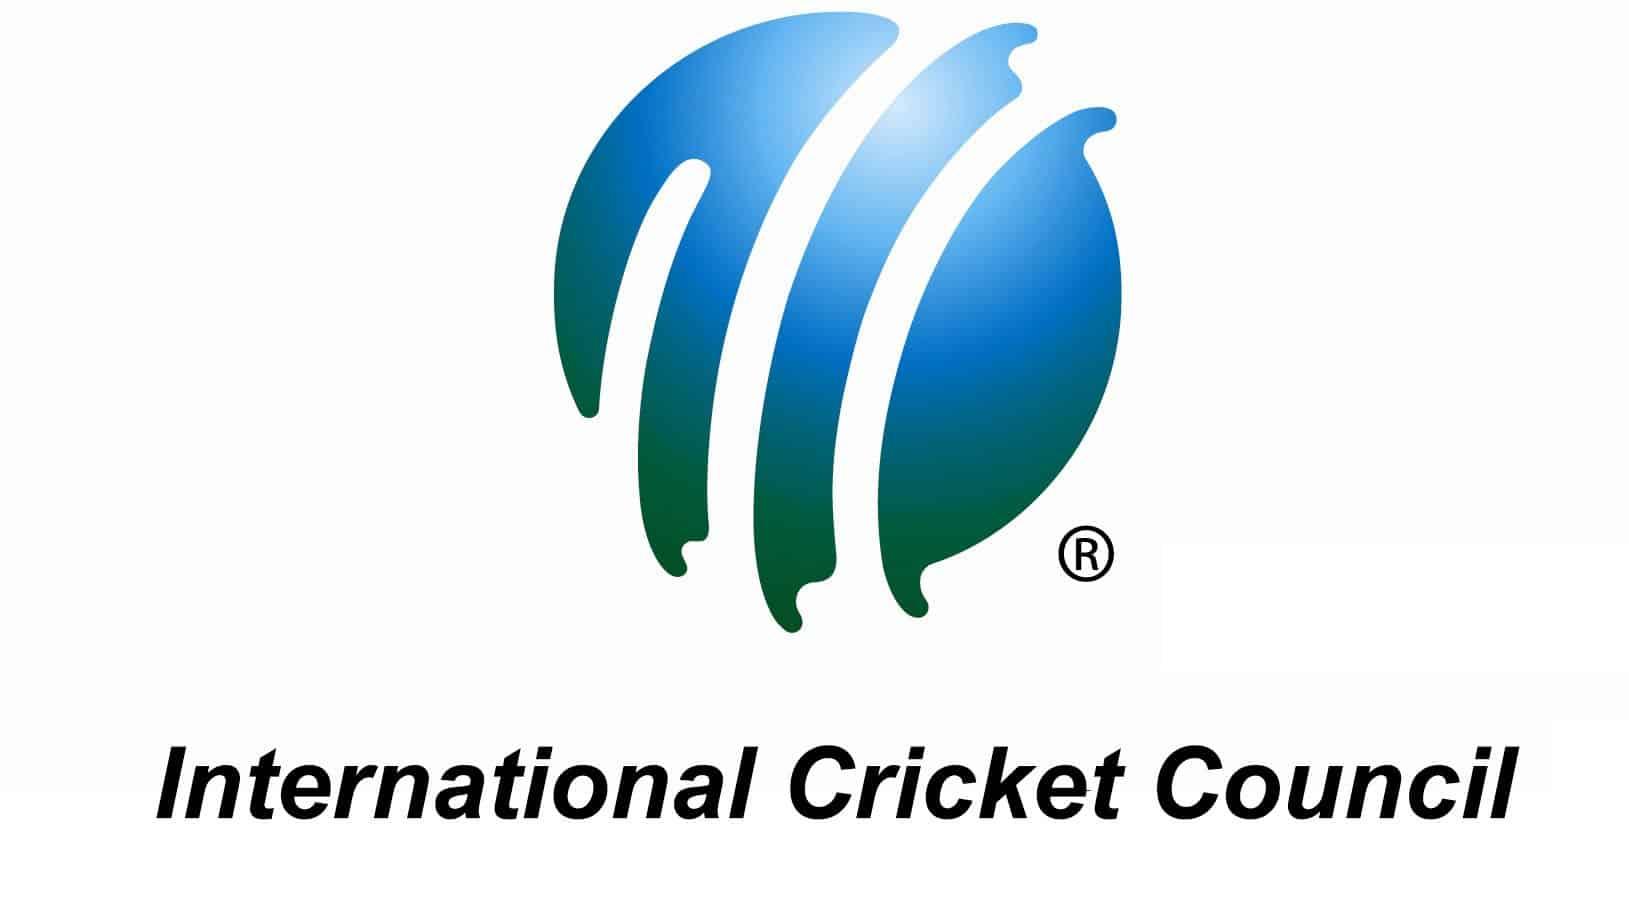 icc new logo